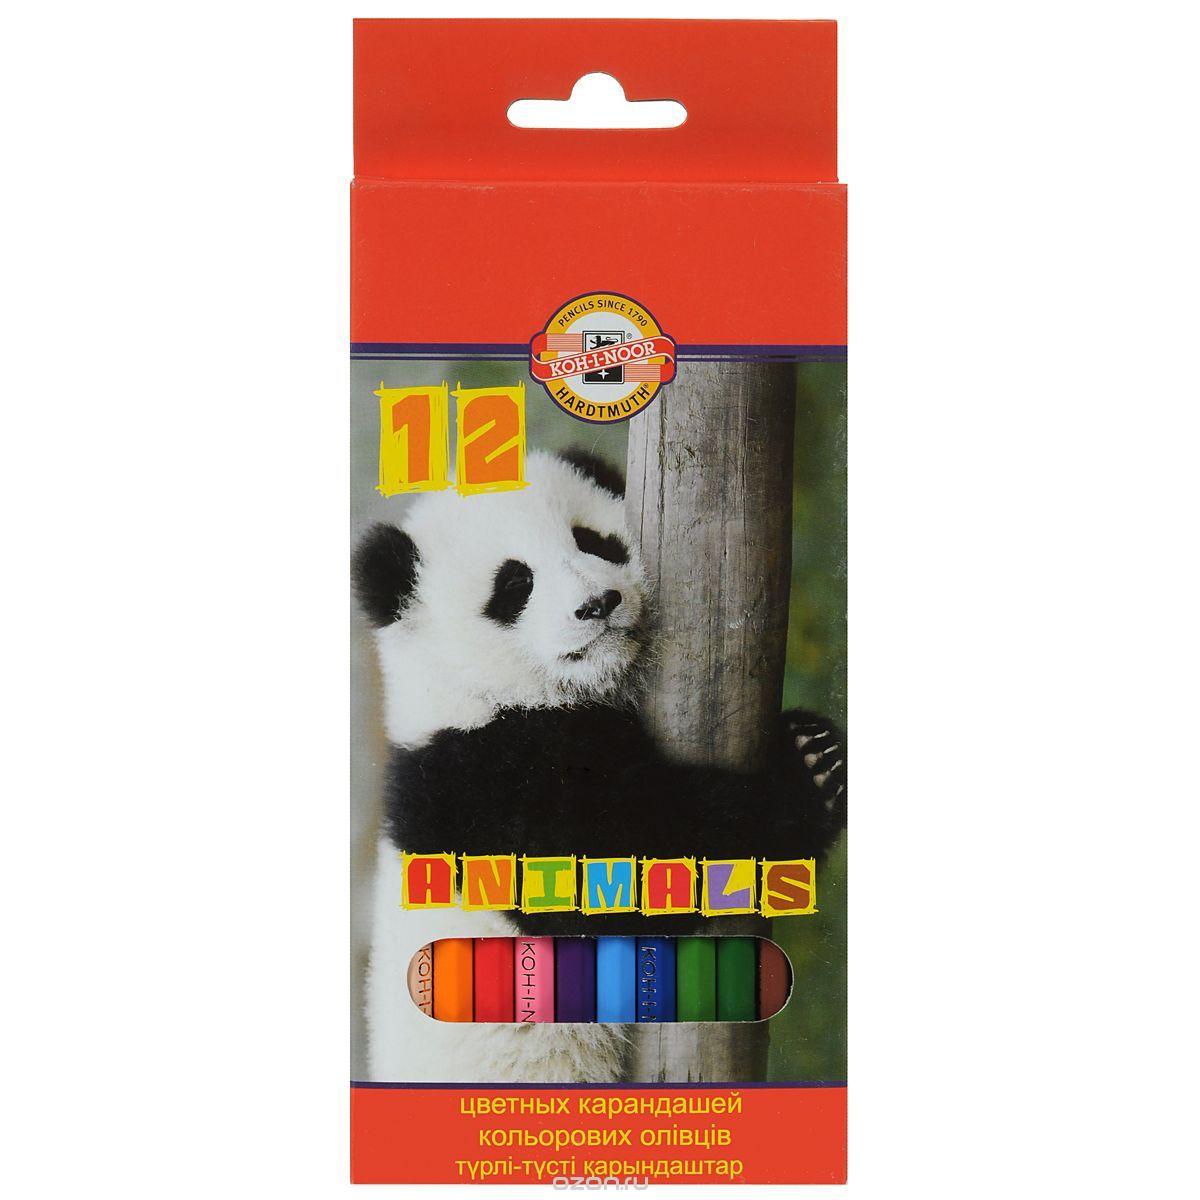 Цветные карандаши Животные, 12 цветов72523WDЦветные карандаши Животные непременно, понравятся вашему юному художнику. Набор включает в себя 12 ярких насыщенных цветных карандашей, которые идеально подходят для малышей. Шестигранный корпус изготовлен из натуральной древесины. Карандаши имеют прочный неломающийся грифель, не требующий сильного нажатия и легко затачиваются. Порадуйте своего ребенка таким восхитительным подарком!